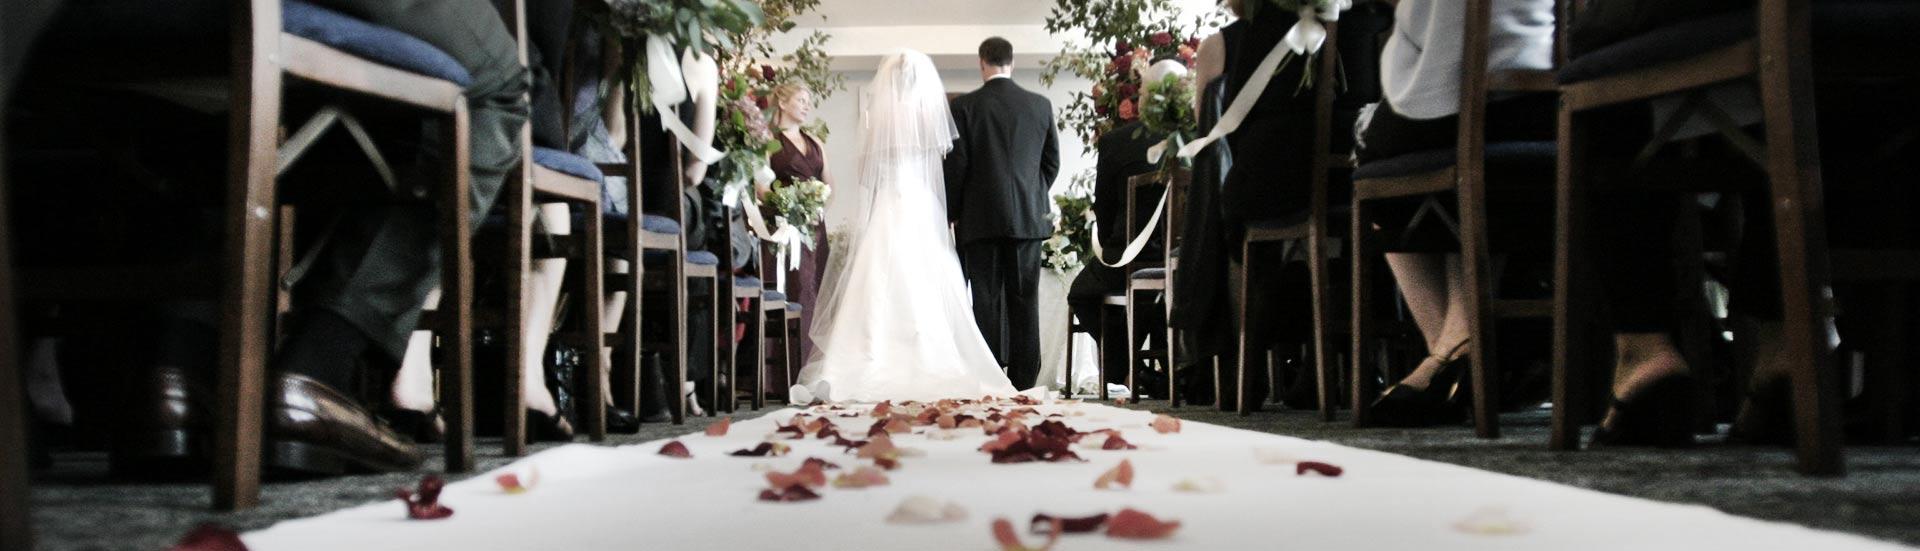 Brautkleider Zubehor Die Brautboutique In Neumunster